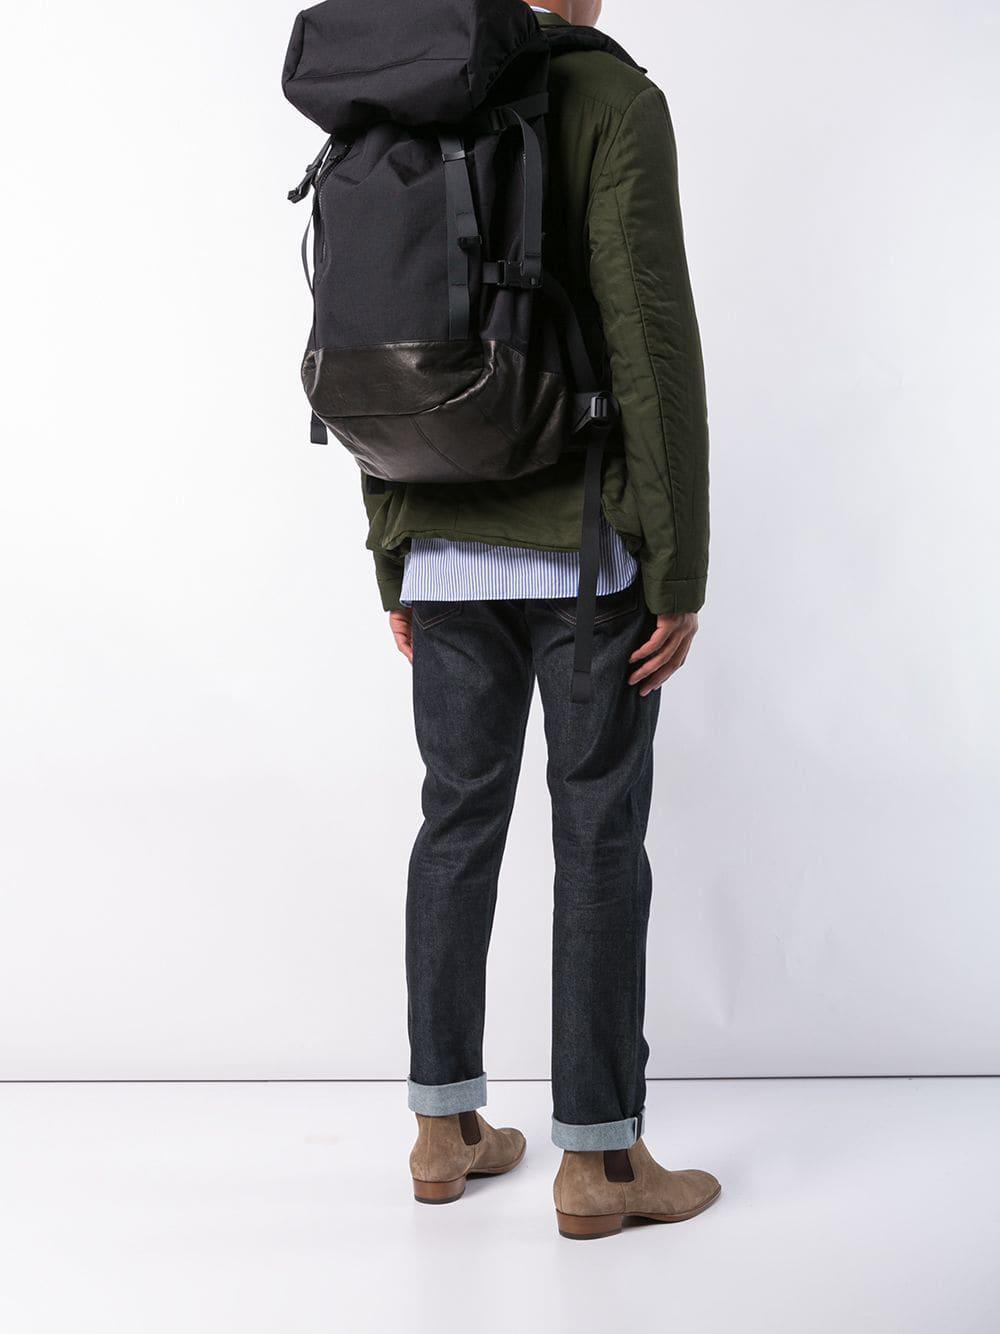 d41600894e8f Visvim - Black Buckle Backpack for Men - Lyst. View fullscreen